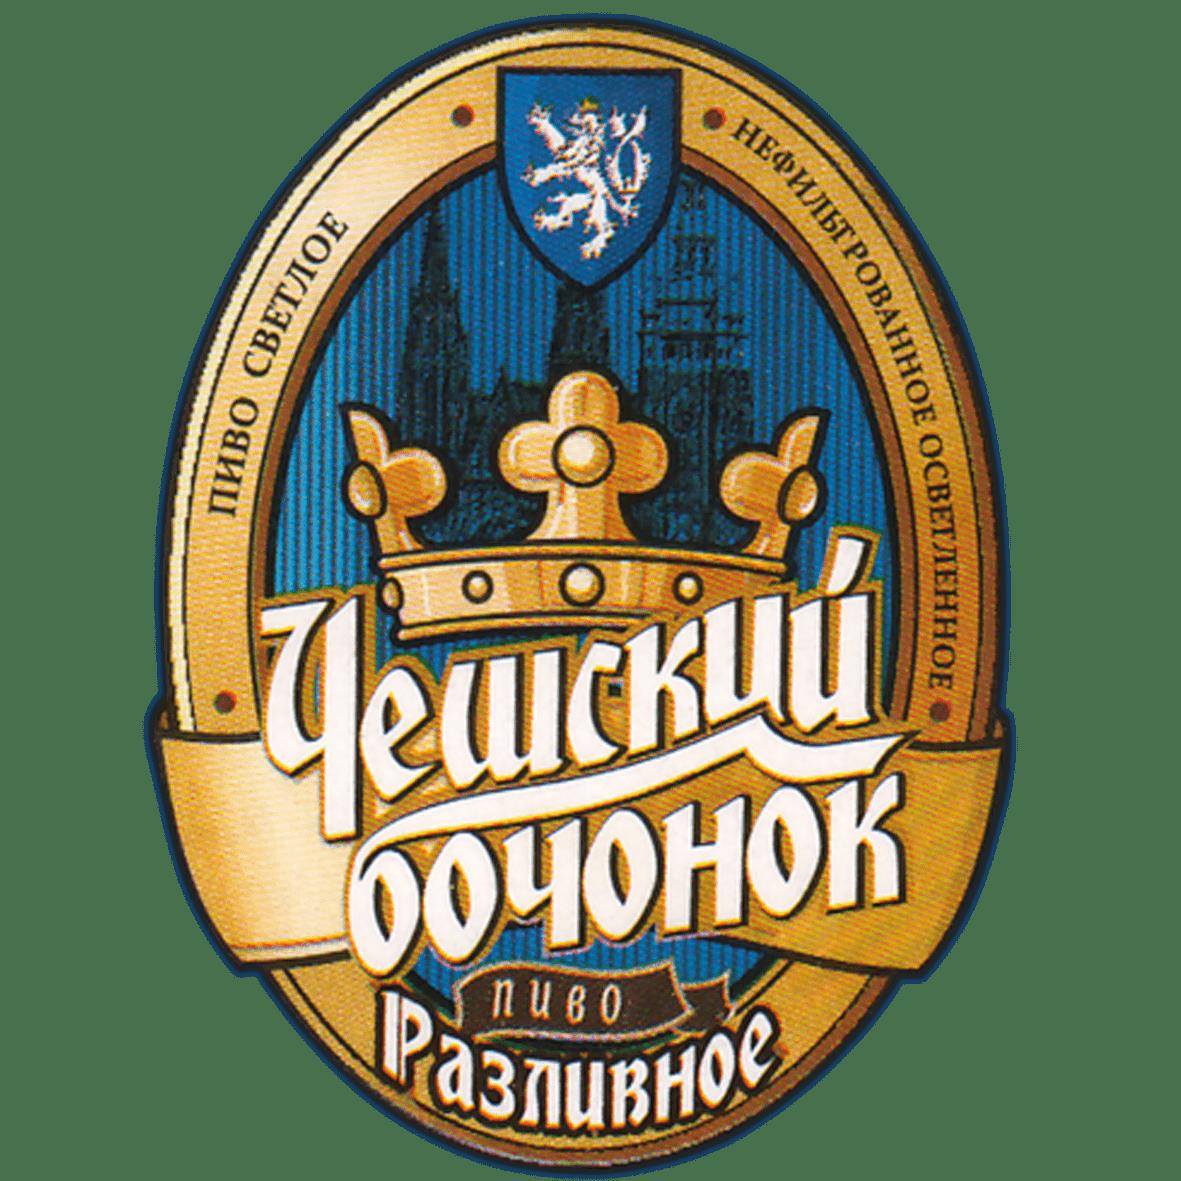 Чешский бочонок